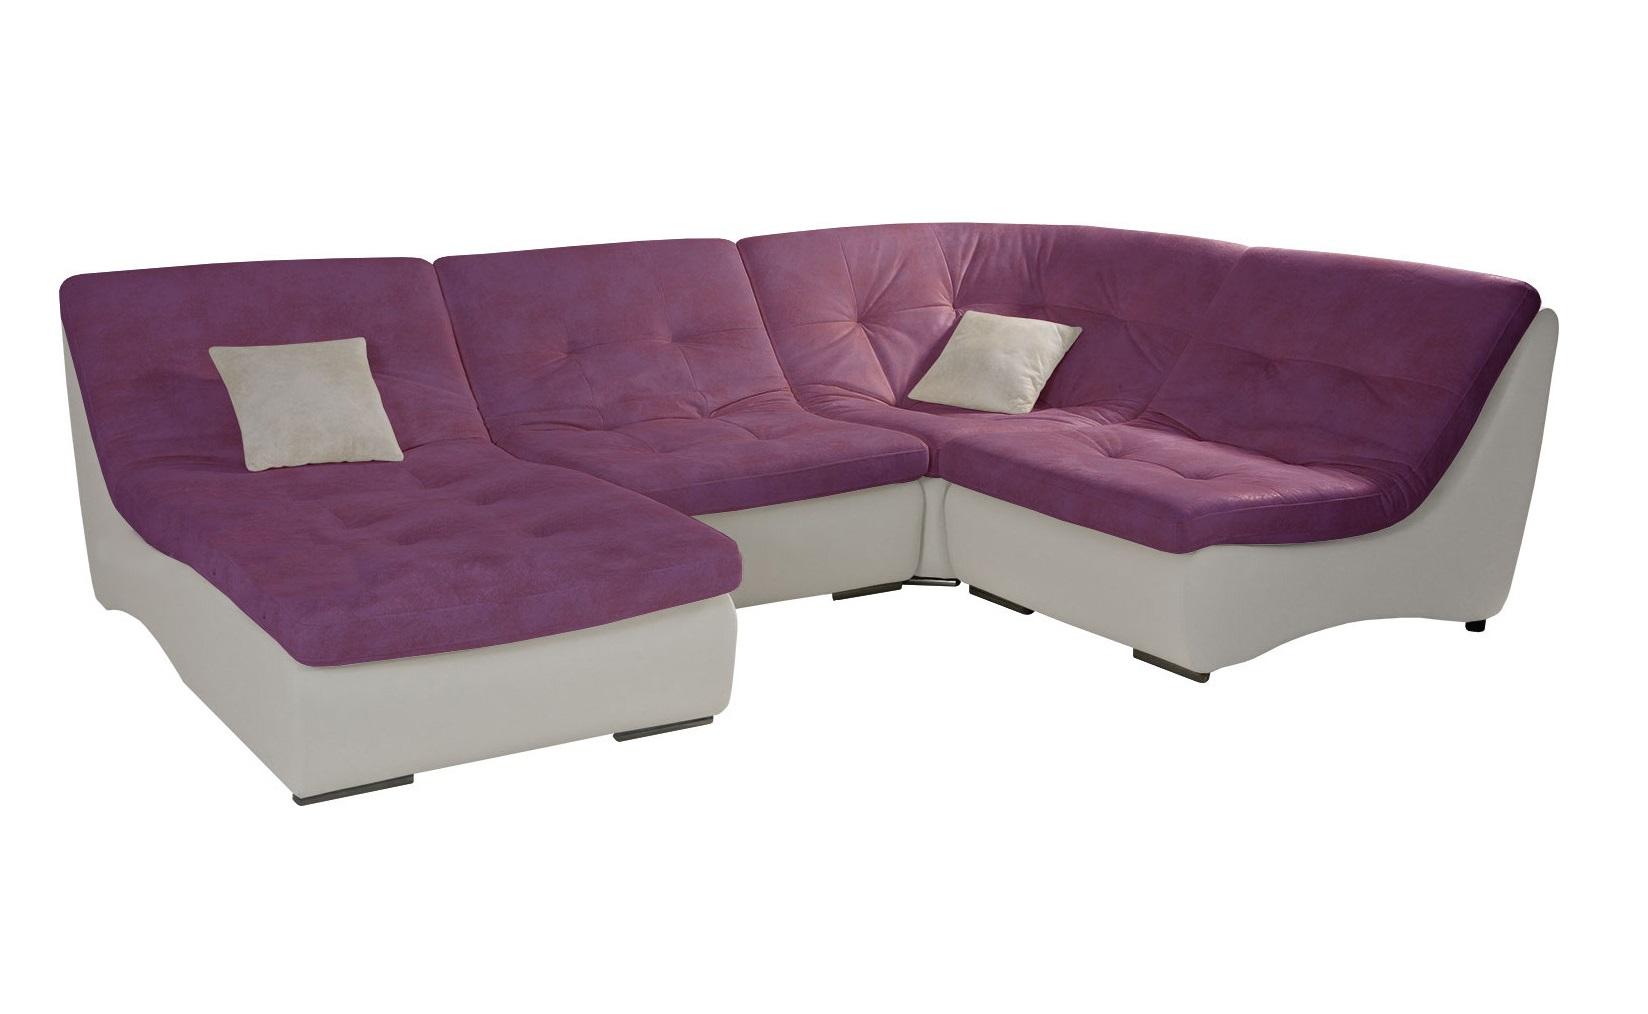 Угловой модульный диван Монреаль